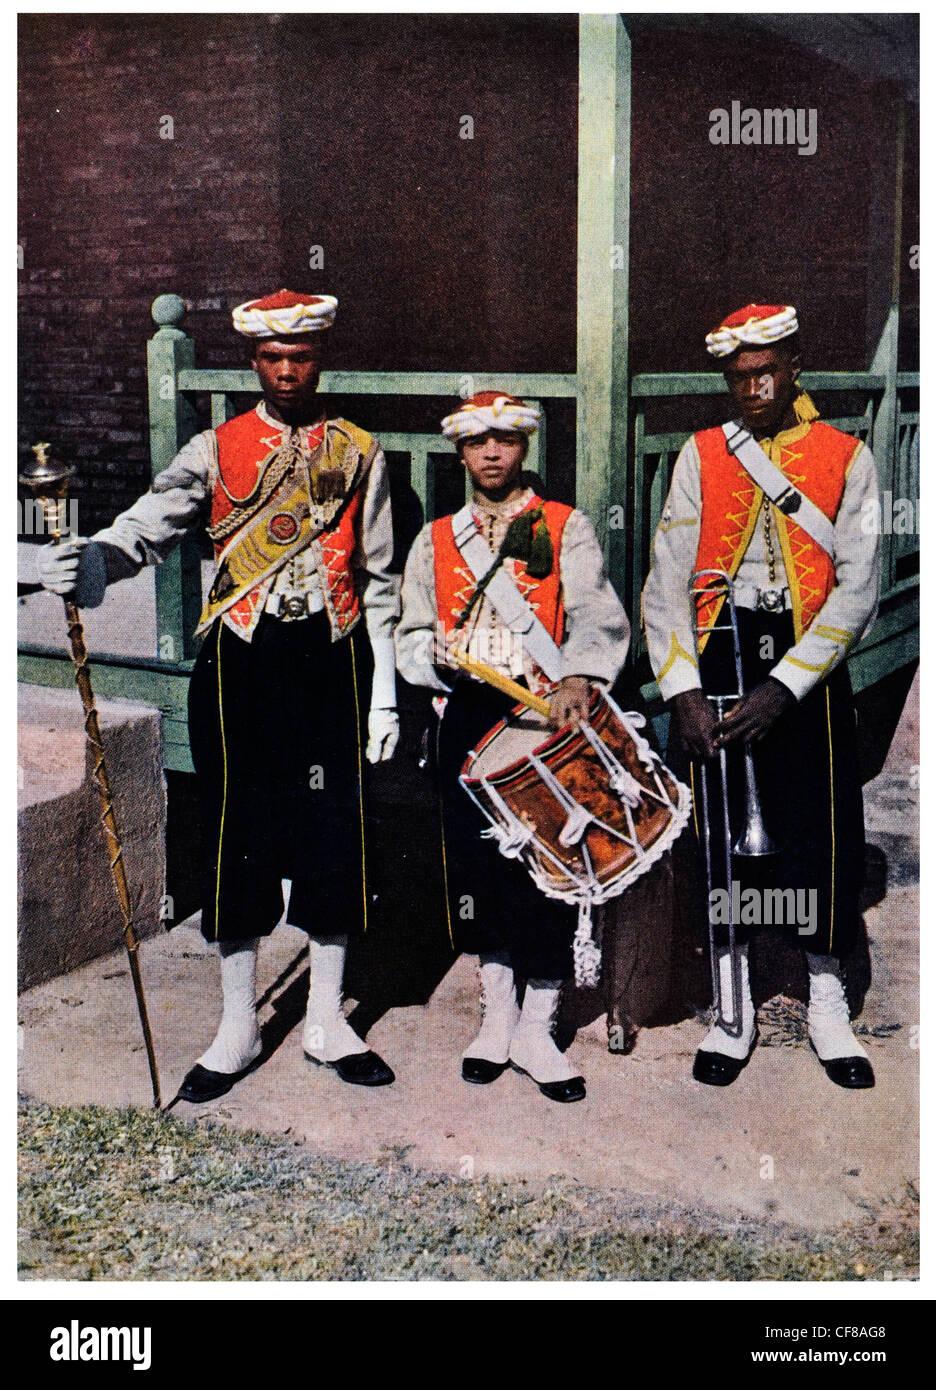 1927 West Indian Regiment Dress uniform - Stock Image